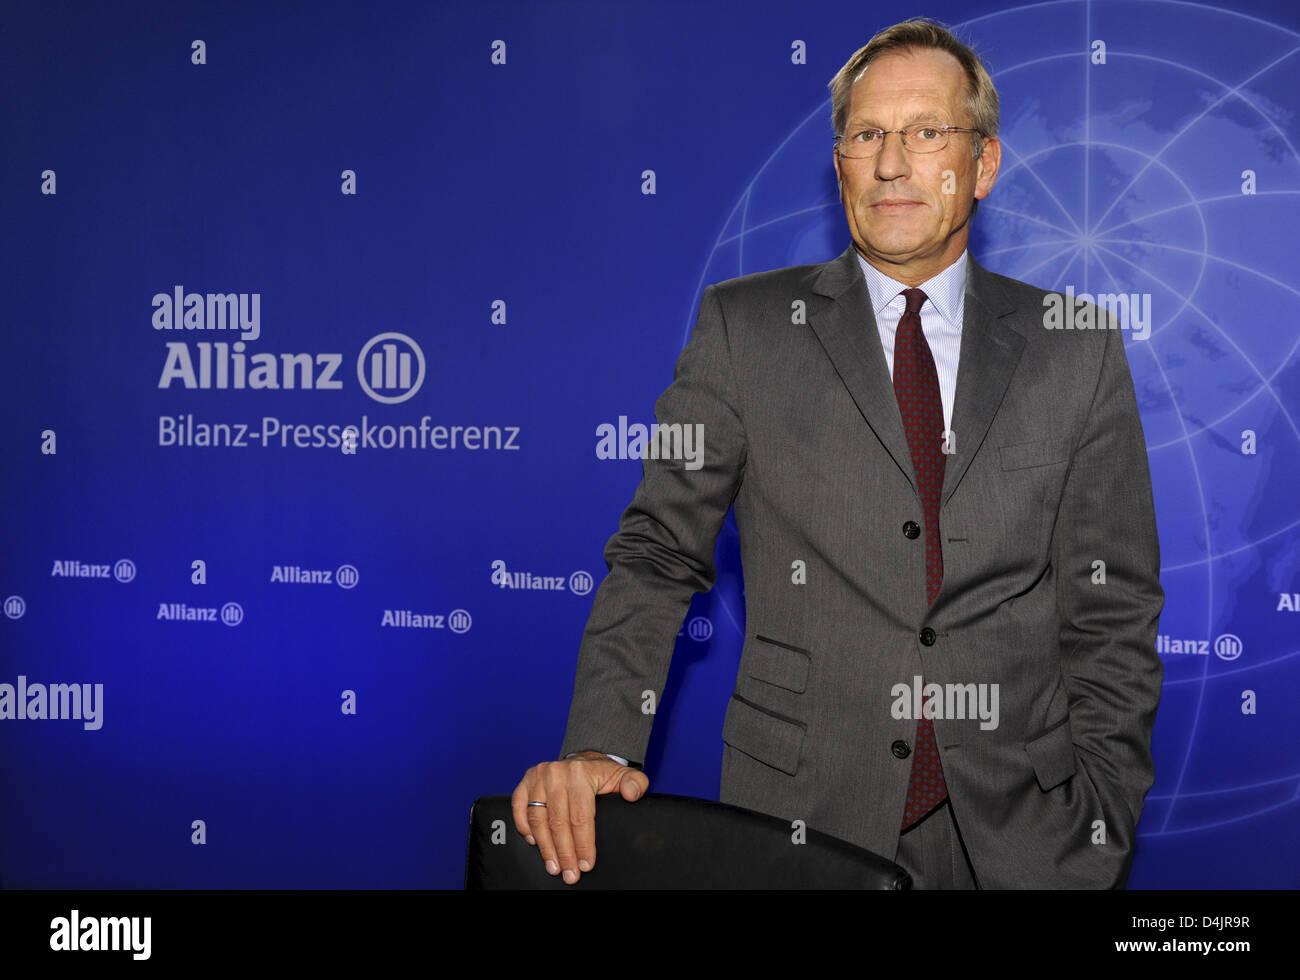 Directeur général d'Allianz, Michael Diekmann, est photographié avant l'équilibre conférence de presse à Munich, Allemagne, 26 février 2009. Après la vente de filiale?Dresdner Bank? Et aussi en raison de la crise financière, l'Europe?s plus grand assureur a subi une perte de 2,4 milliards d'euros au cours de la dernière année, comme annoncé par Allianz SE, à Munich. Photo: PETER KNEFFEL Banque D'Images